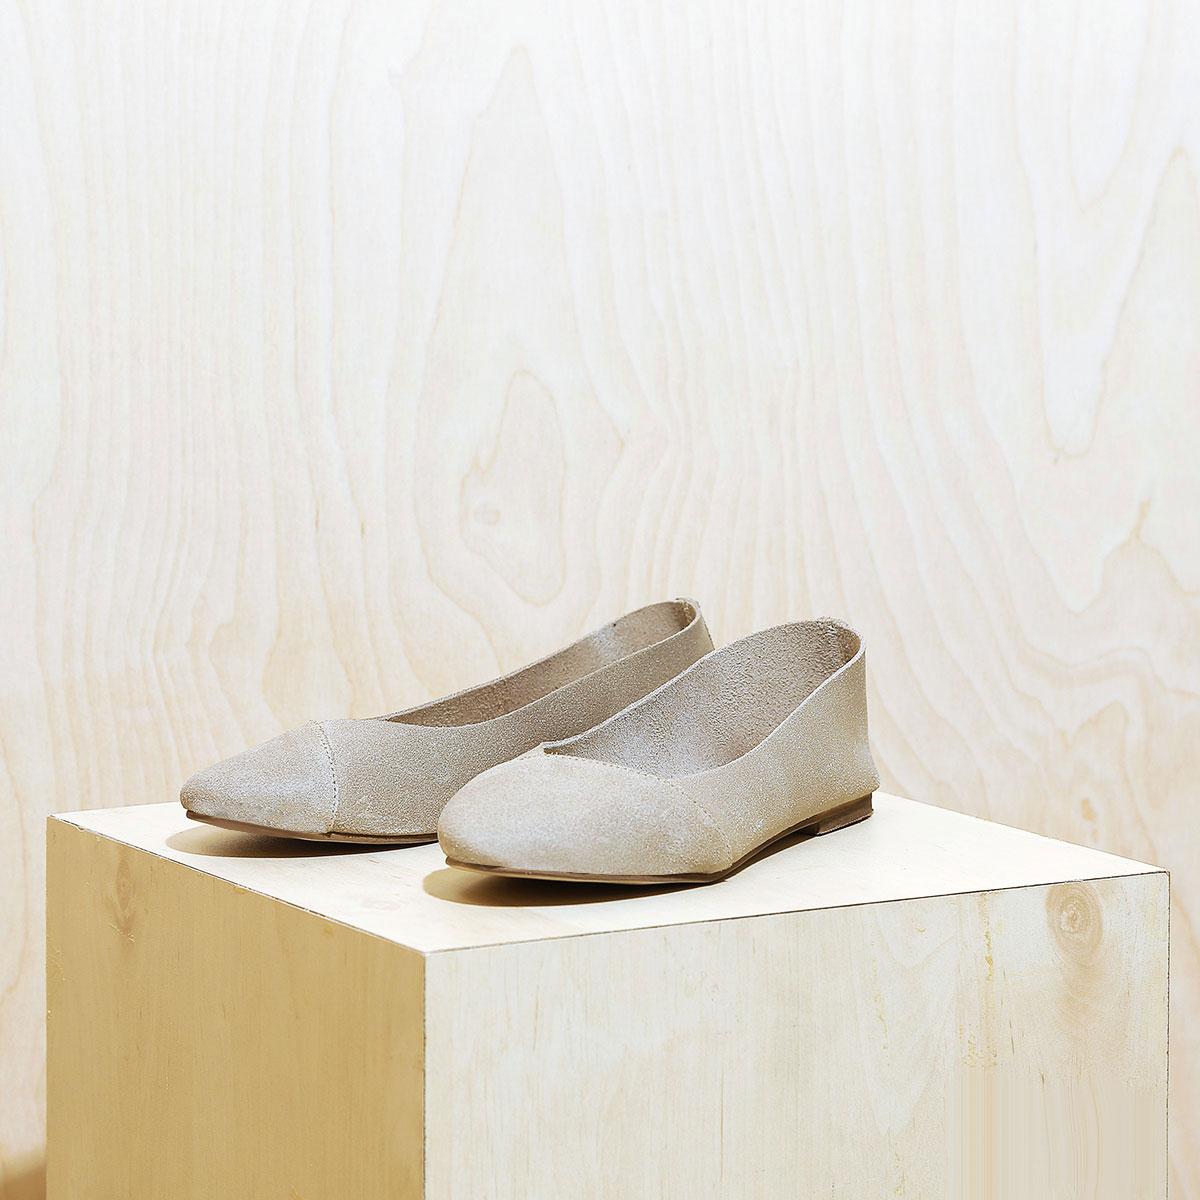 דגם לימסול: נעלי סירה לנשים בצבע טאופ